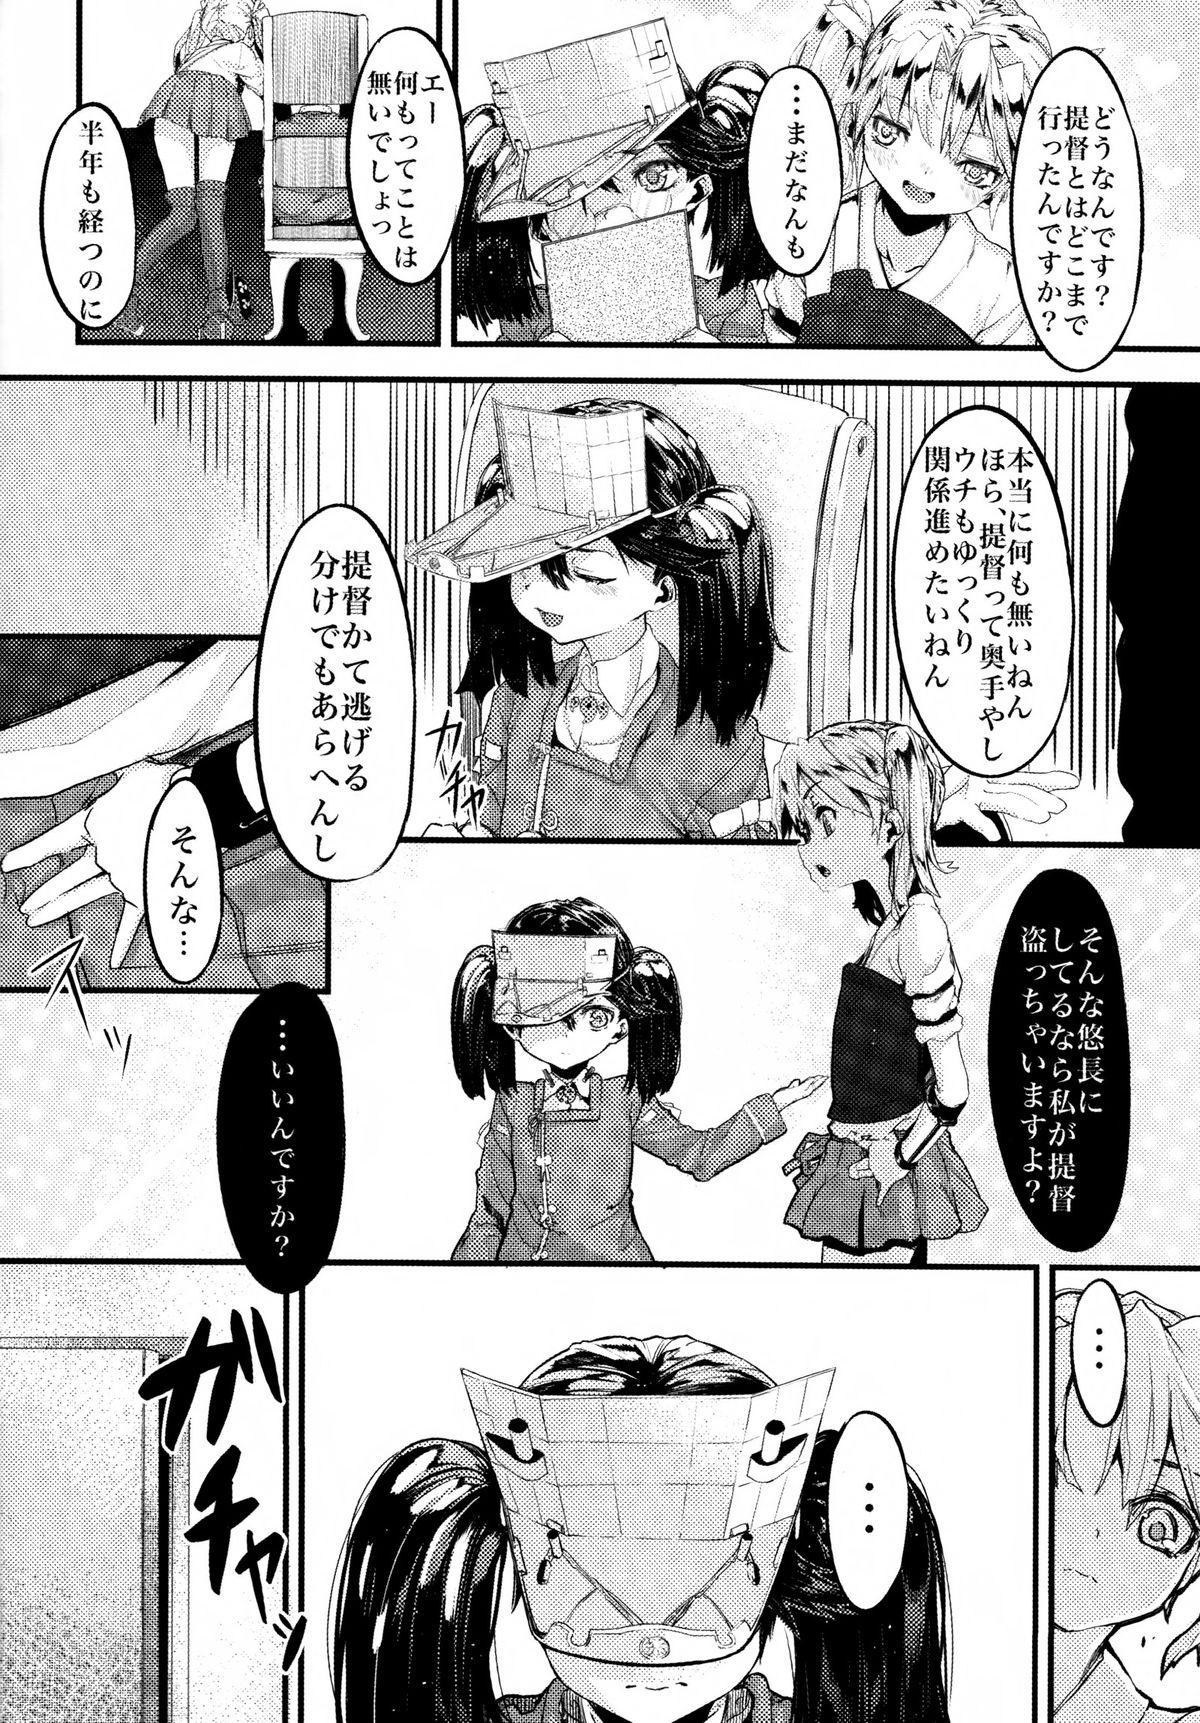 Ryuujou to Junai shi Taosu Hon 2